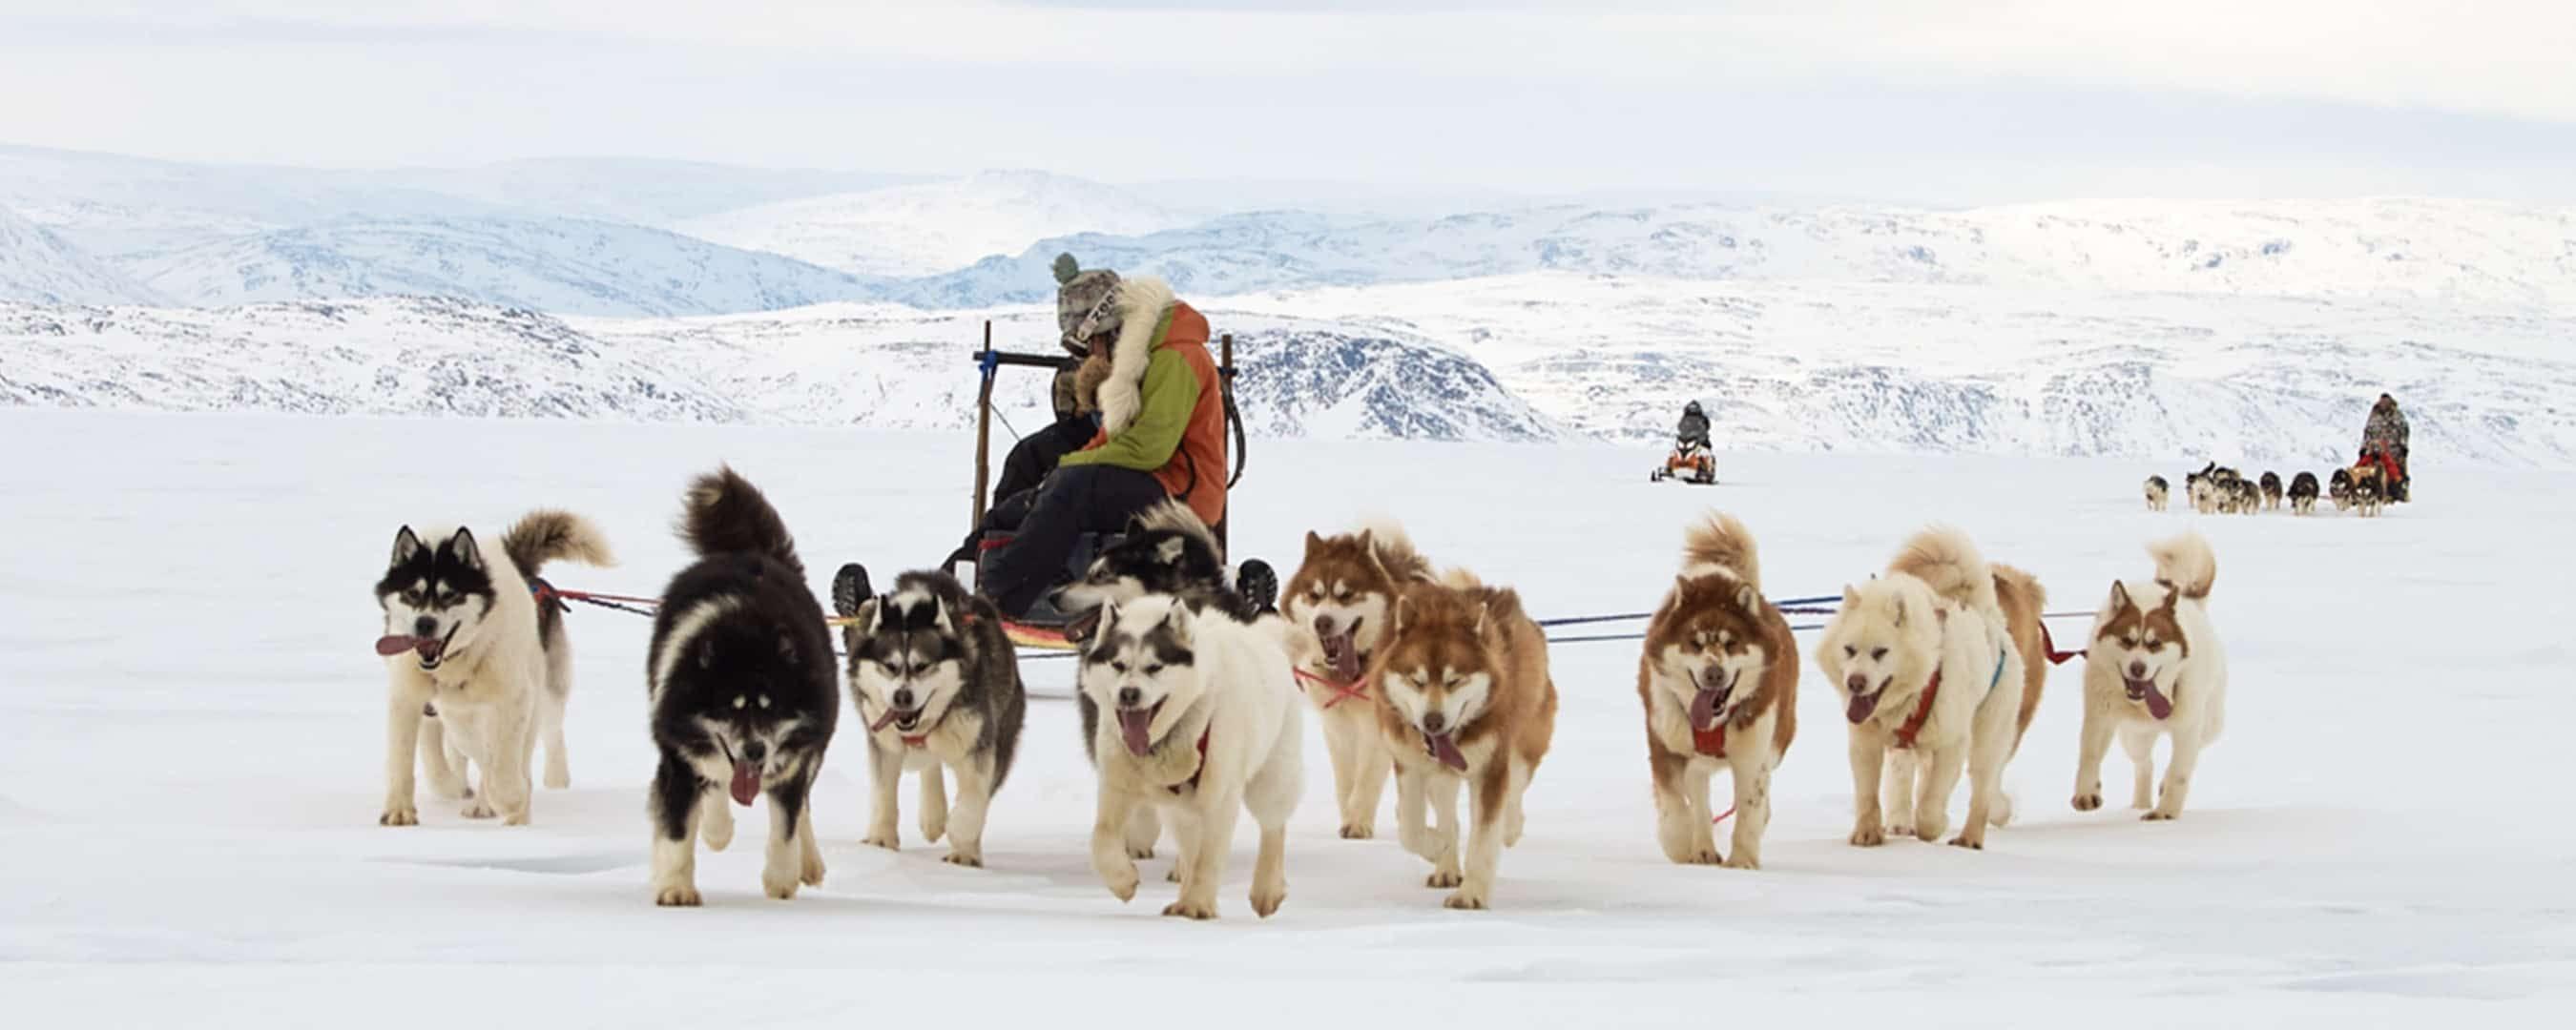 Hiking & Trekking, Winter. Dog Sledding in Nunavut